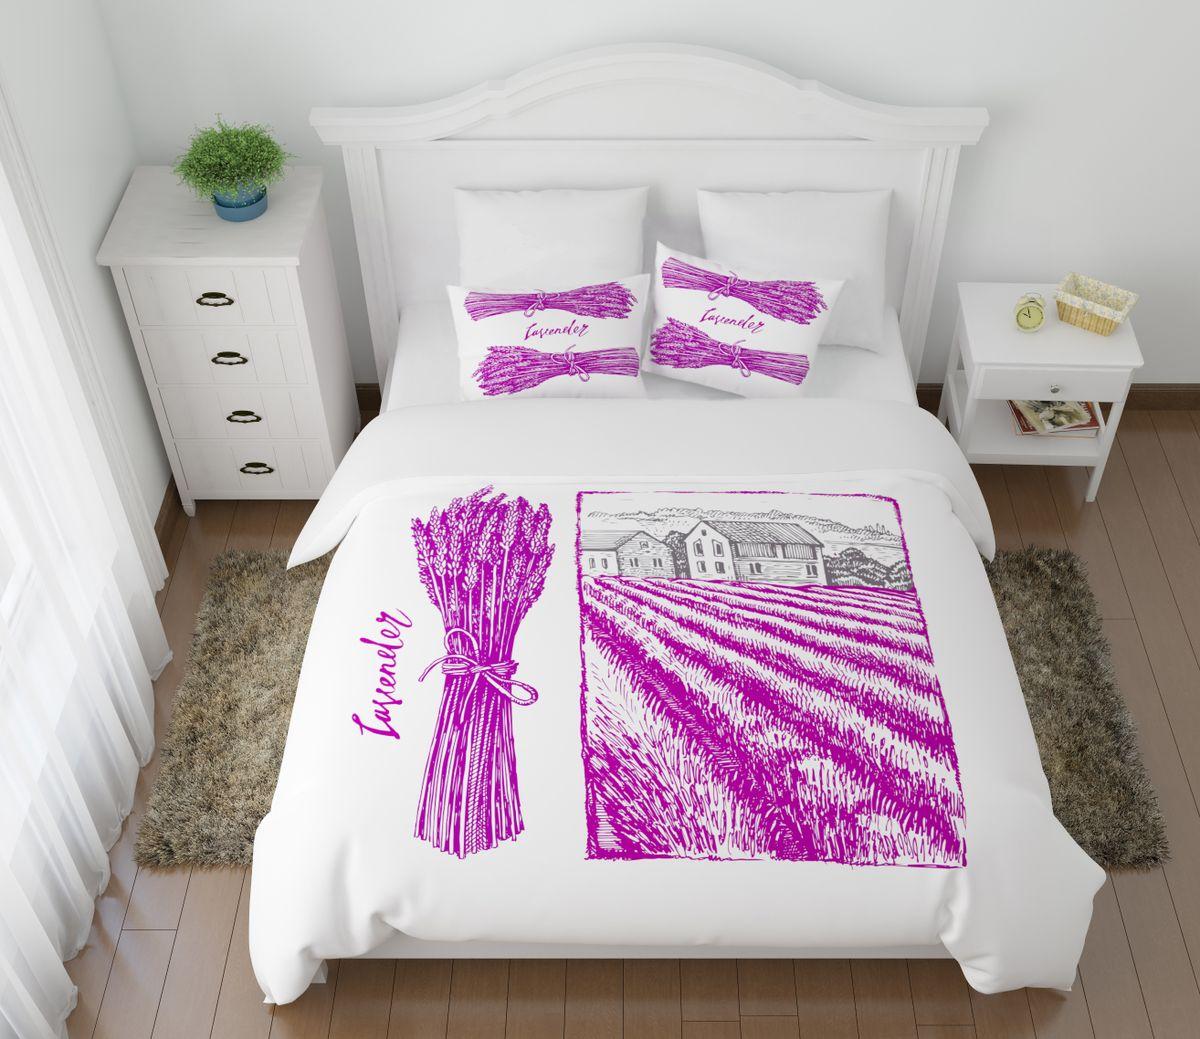 Комплект белья Сирень Лавандовый прованс, 2-спальный, наволочки 50х70SVC-300Комплект постельного белья Сирень выполнен из прочной и мягкой ткани. Четкий и стильный рисунок в сочетании с насыщенными красками делают комплект постельного белья неповторимой изюминкой любого интерьера.Постельное белье идеально подойдет для подарка. Идеальное соотношение смешенной ткани и гипоаллергенных красок - это гарантия здорового, спокойного сна. Ткань хорошо впитывает влагу, надолго сохраняет яркость красок.В комплект входят: простынь, пододеяльник, две наволочки. Постельное белье легко стирать при 30-40°С, гладить при 150°С, не отбеливать. Рекомендуется перед первым использованием постирать.УВАЖАЕМЫЕ КЛИЕНТЫ! Обращаем ваше внимание, что цвет простыни, пододеяльника, наволочки в комплектации может немного отличаться от представленного на фото.